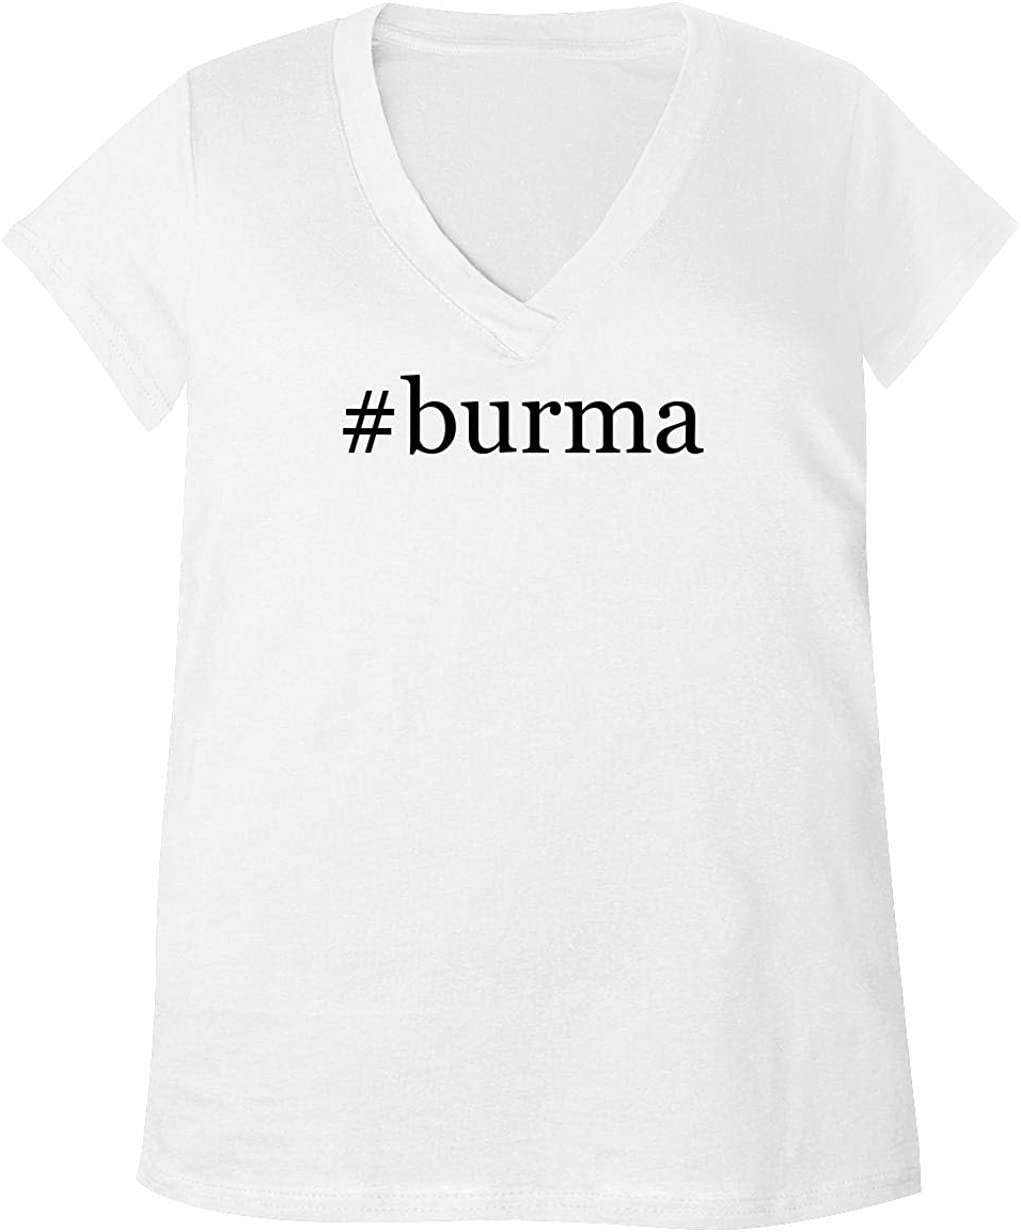 #Burma - Adult Bella + Canvas B6035 Women's V-Neck T-Shirt 51sCmBRur-L